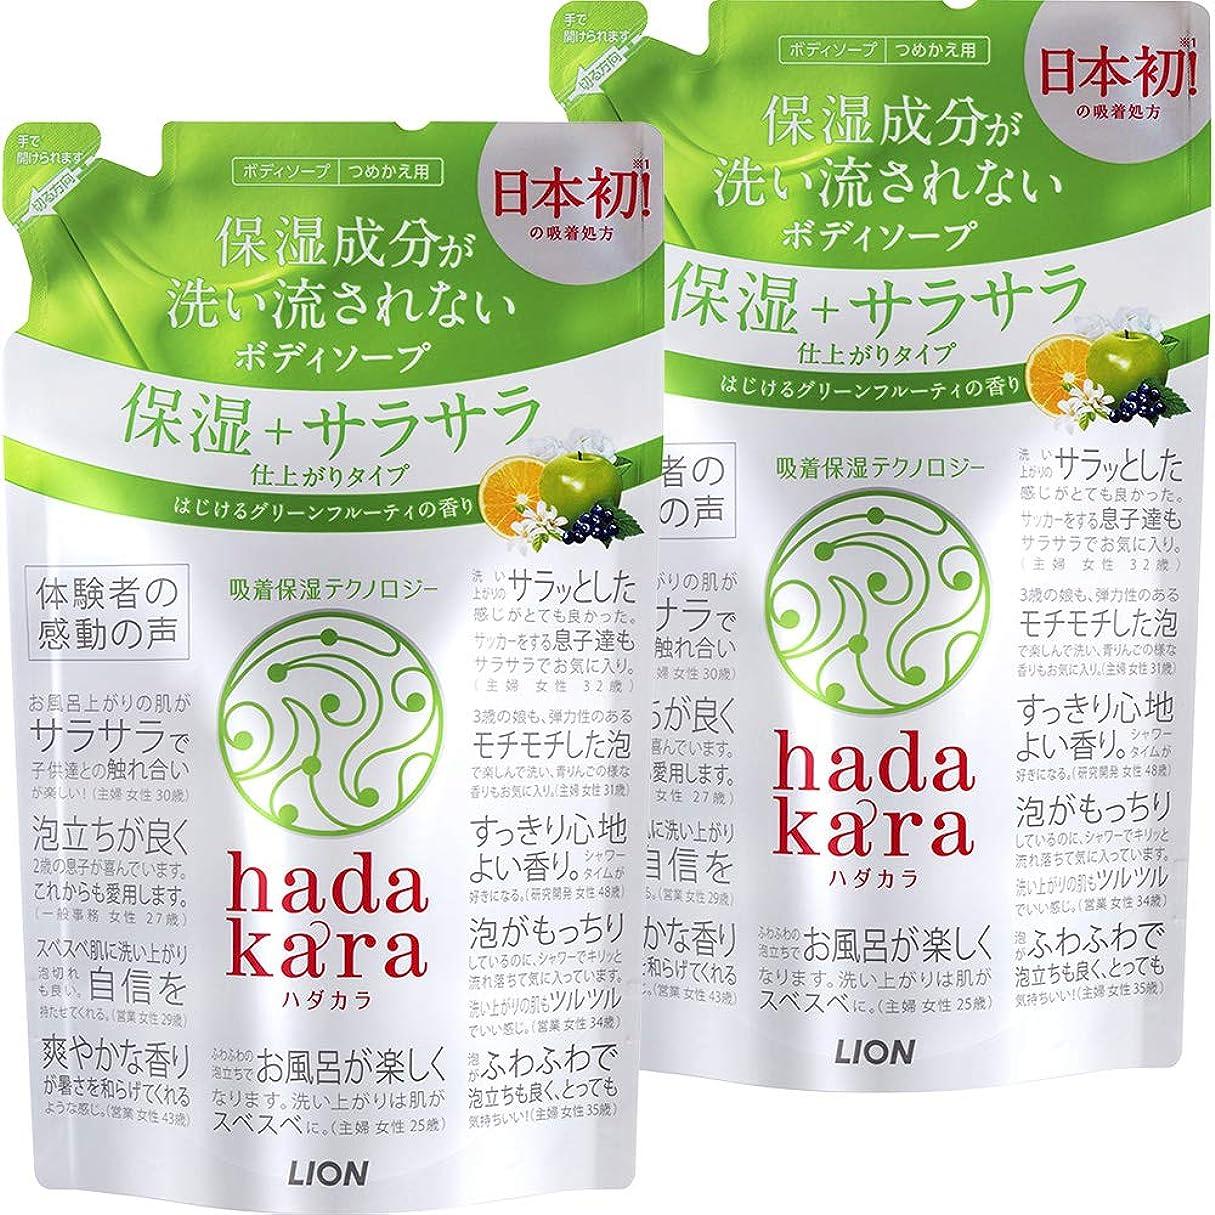 メタリック危険にさらされている個人的な【まとめ買い】hadakara(ハダカラ) ボディソープ 保湿+サラサラ仕上がりタイプ グリーンフルーティの香り 詰め替え 340ml×2個パック